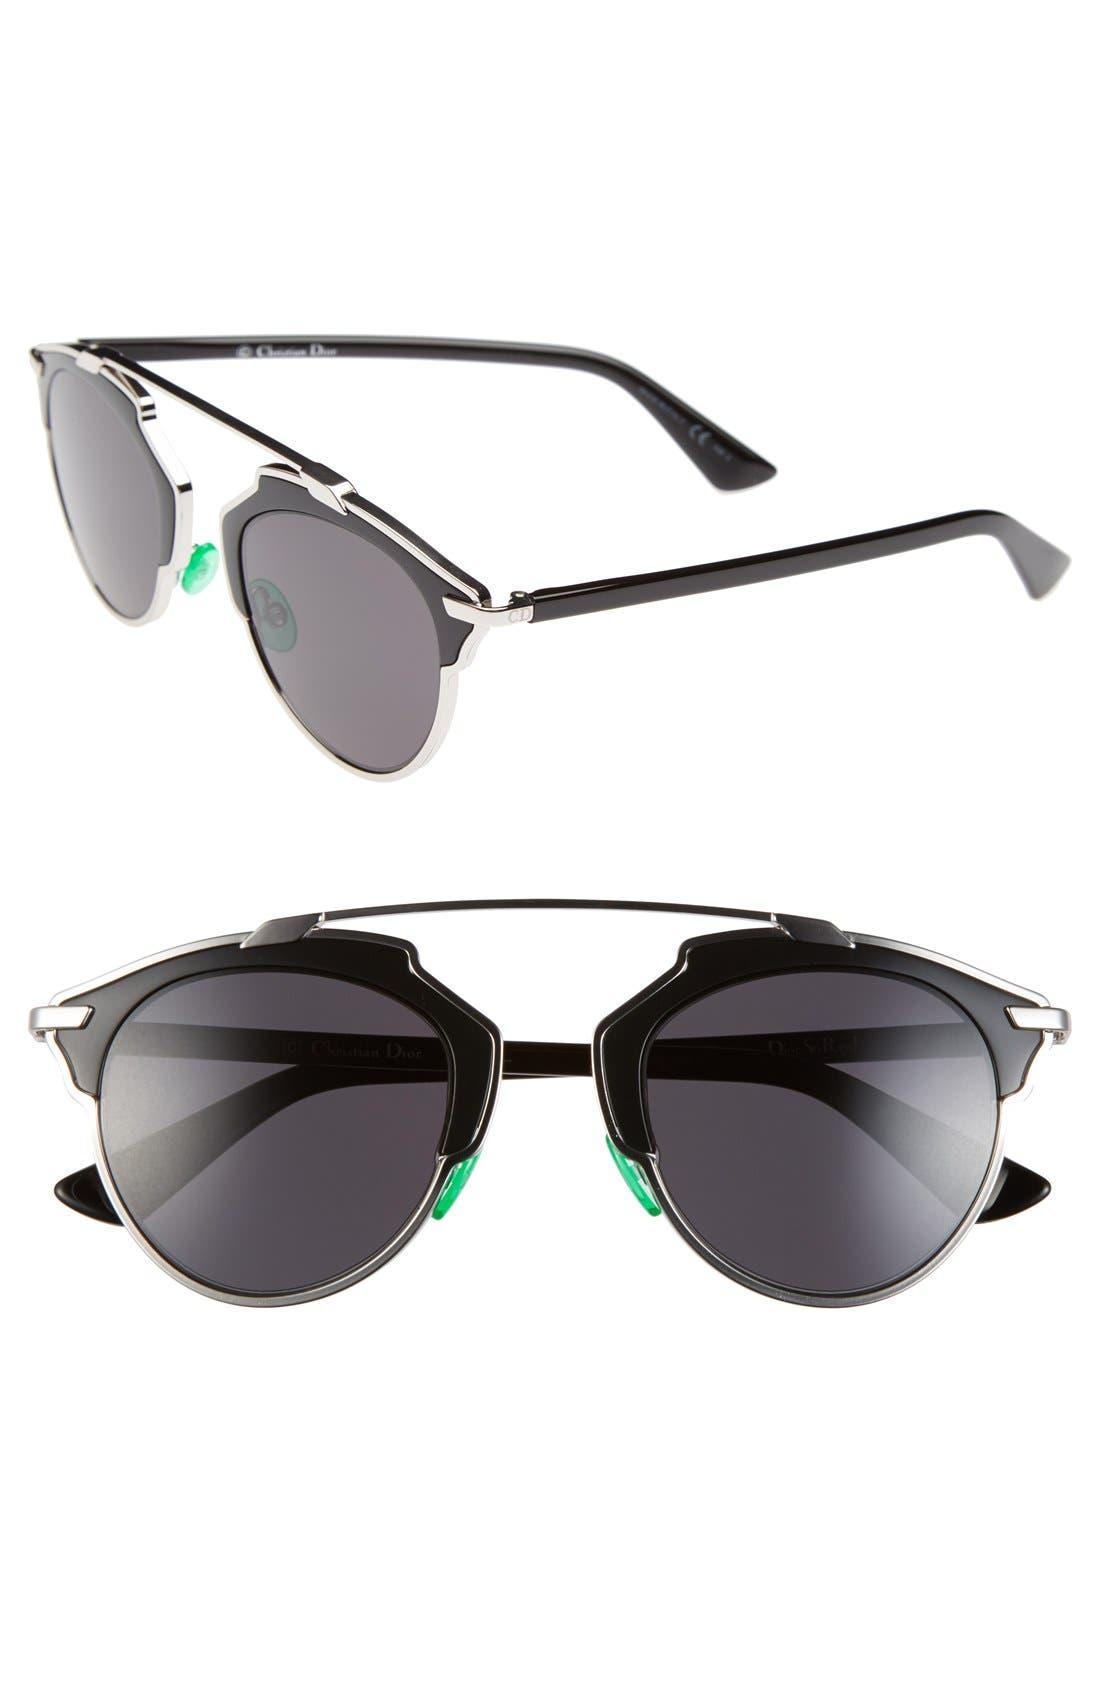 So Real 48mm Brow Bar Sunglasses,                             Main thumbnail 12, color,